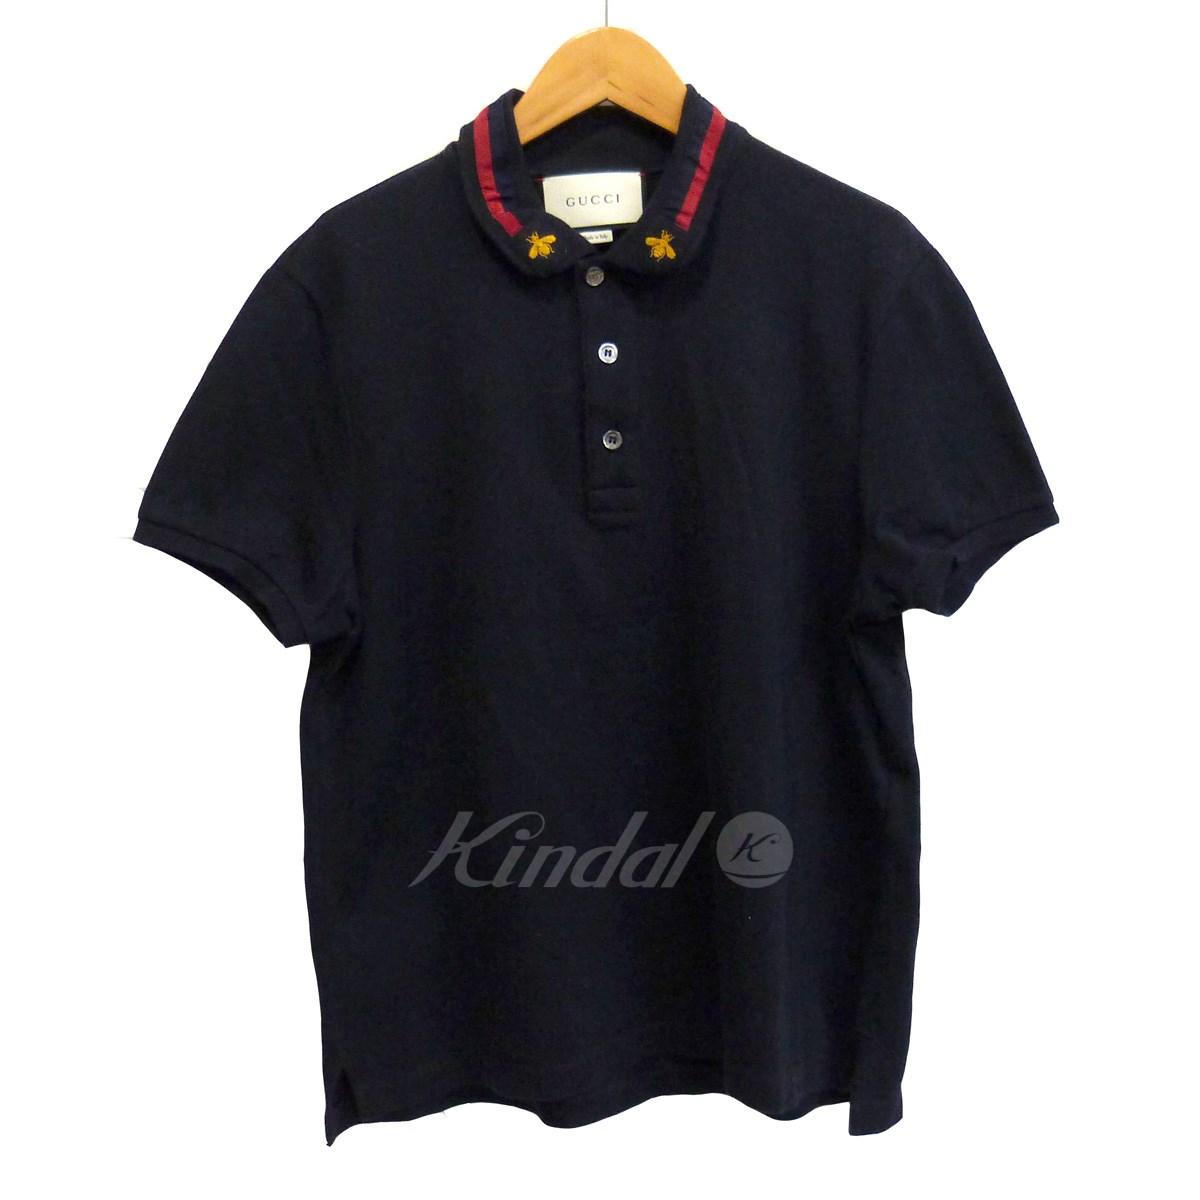 【中古】GUCCI 【17SS】ポロシャツ ブラック サイズ:M 【送料無料】 【131218】(グッチ)